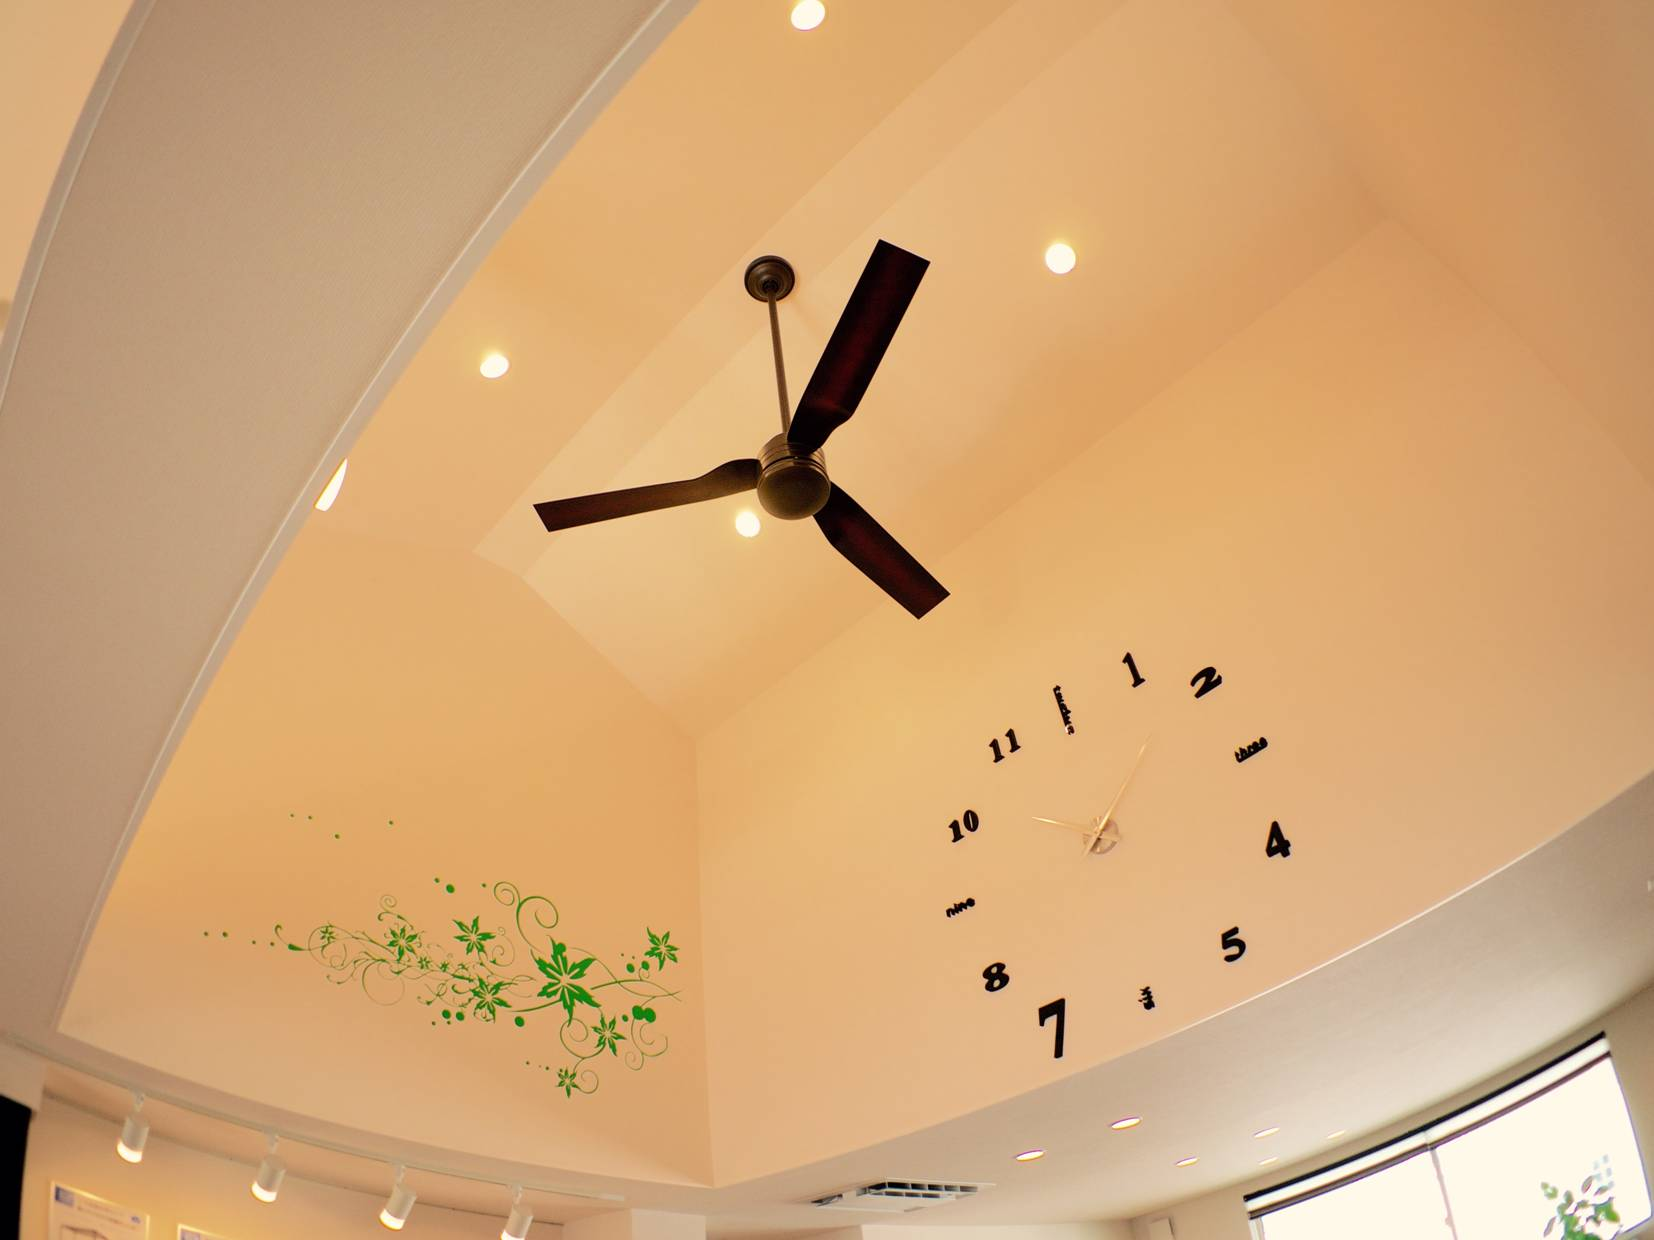 節電になるって本当?冷暖房の効率がUPするシーリングファンの効果のサムネイル画像